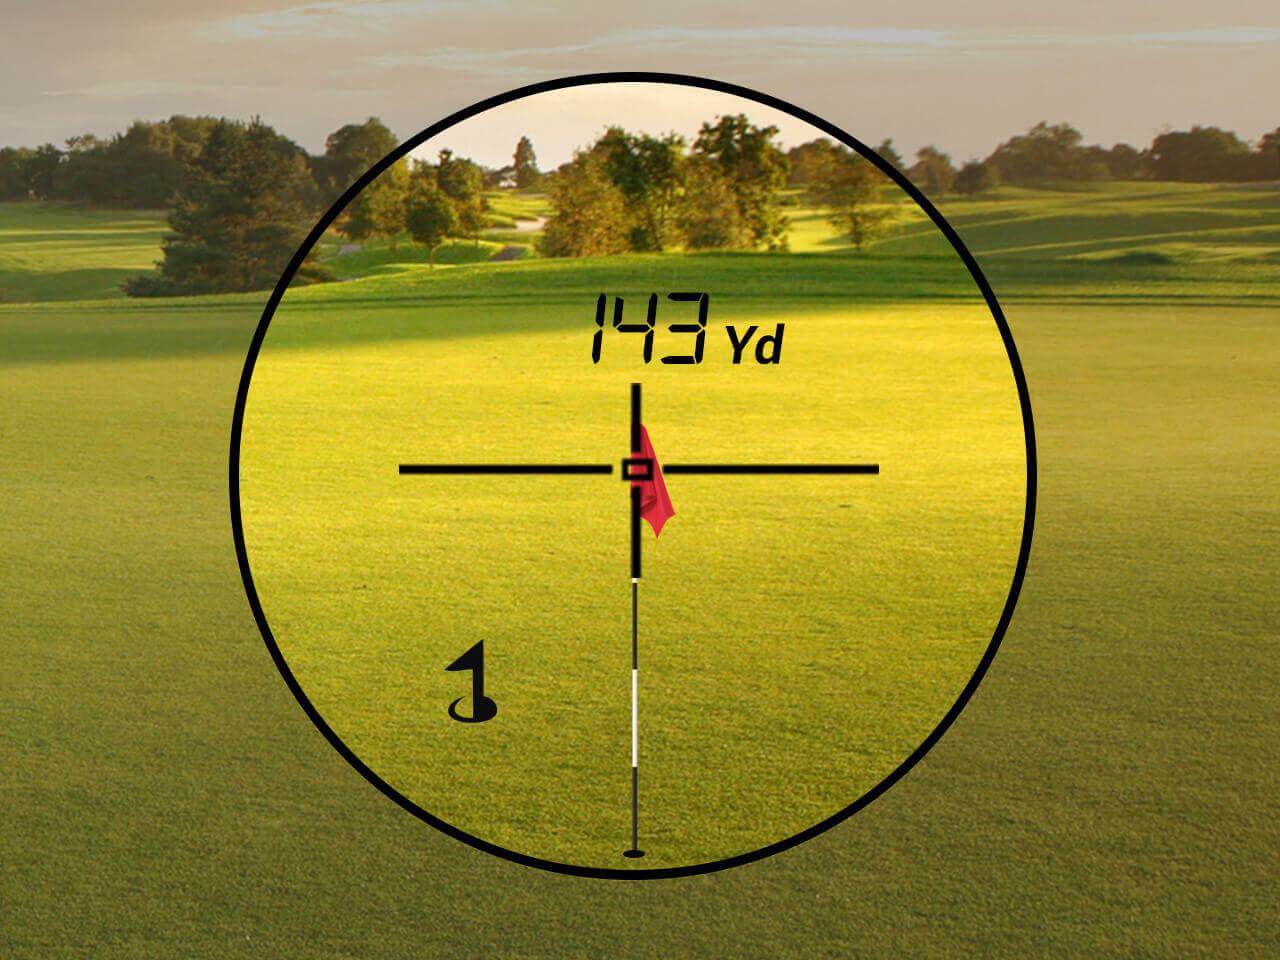 TecTecTec Golf Rangefinder Distance Control